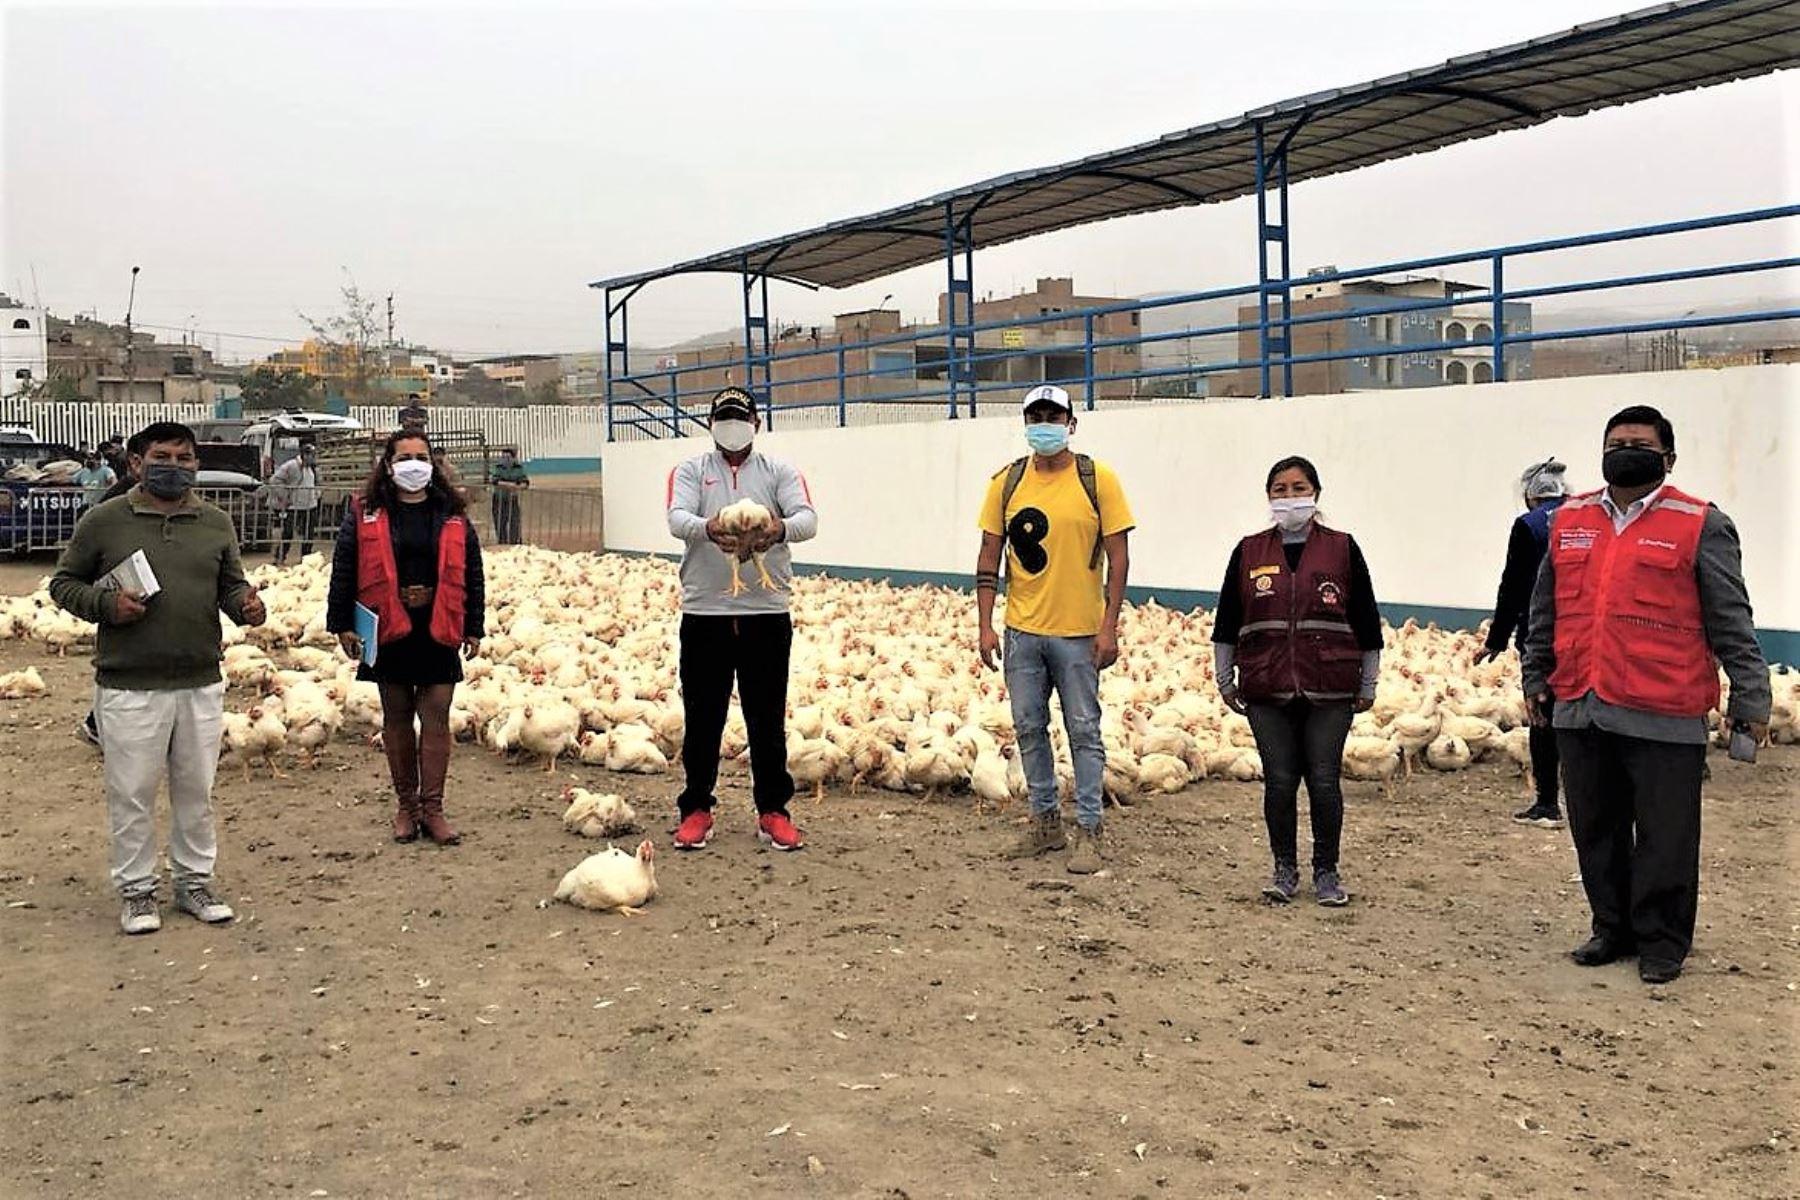 Donación de pollos en favor de familias vulnerables ante el covid-19 en el distrito de Pachacámac.